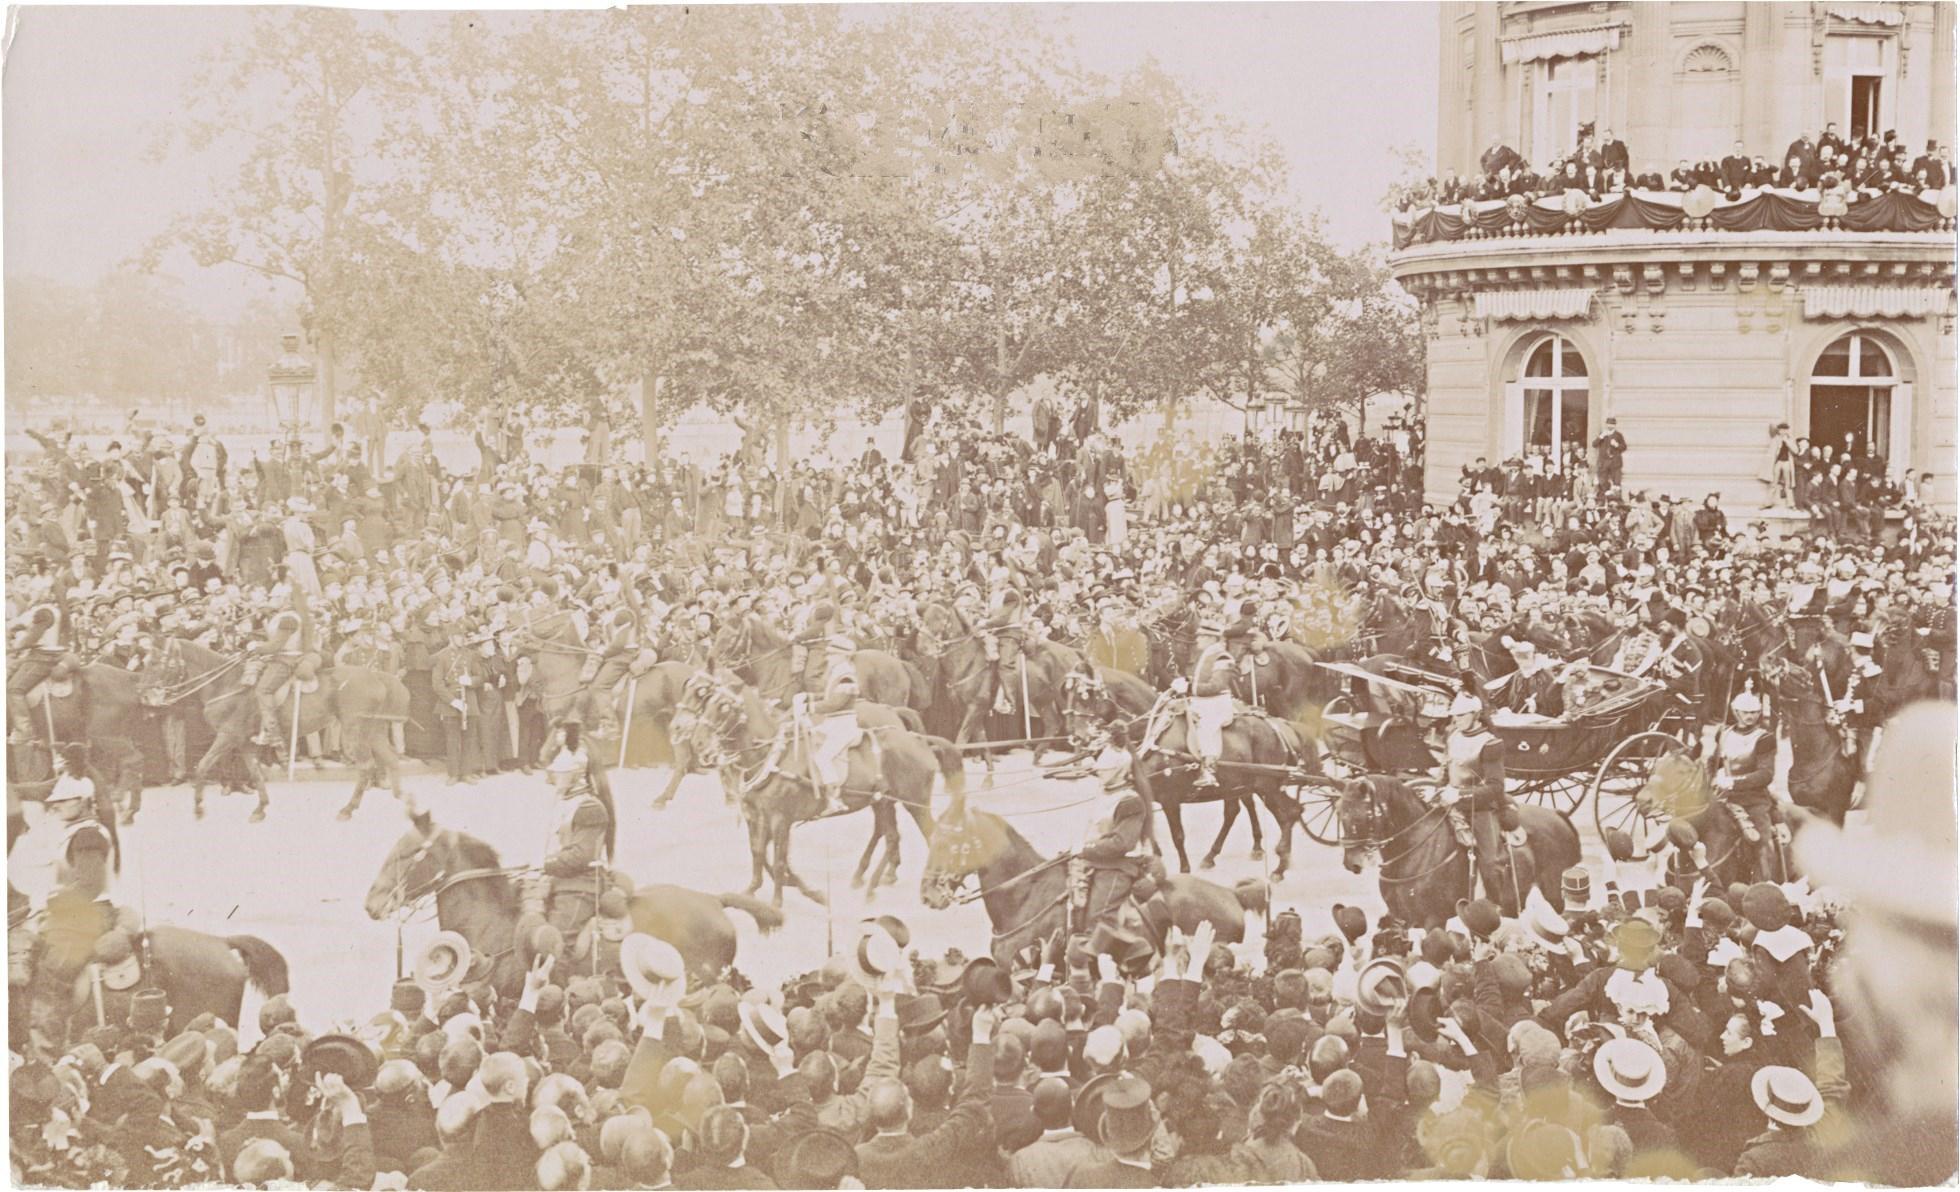 32. Отъезд императрицы Александры Федоровны и императора Николая II в сопровождении эскорта